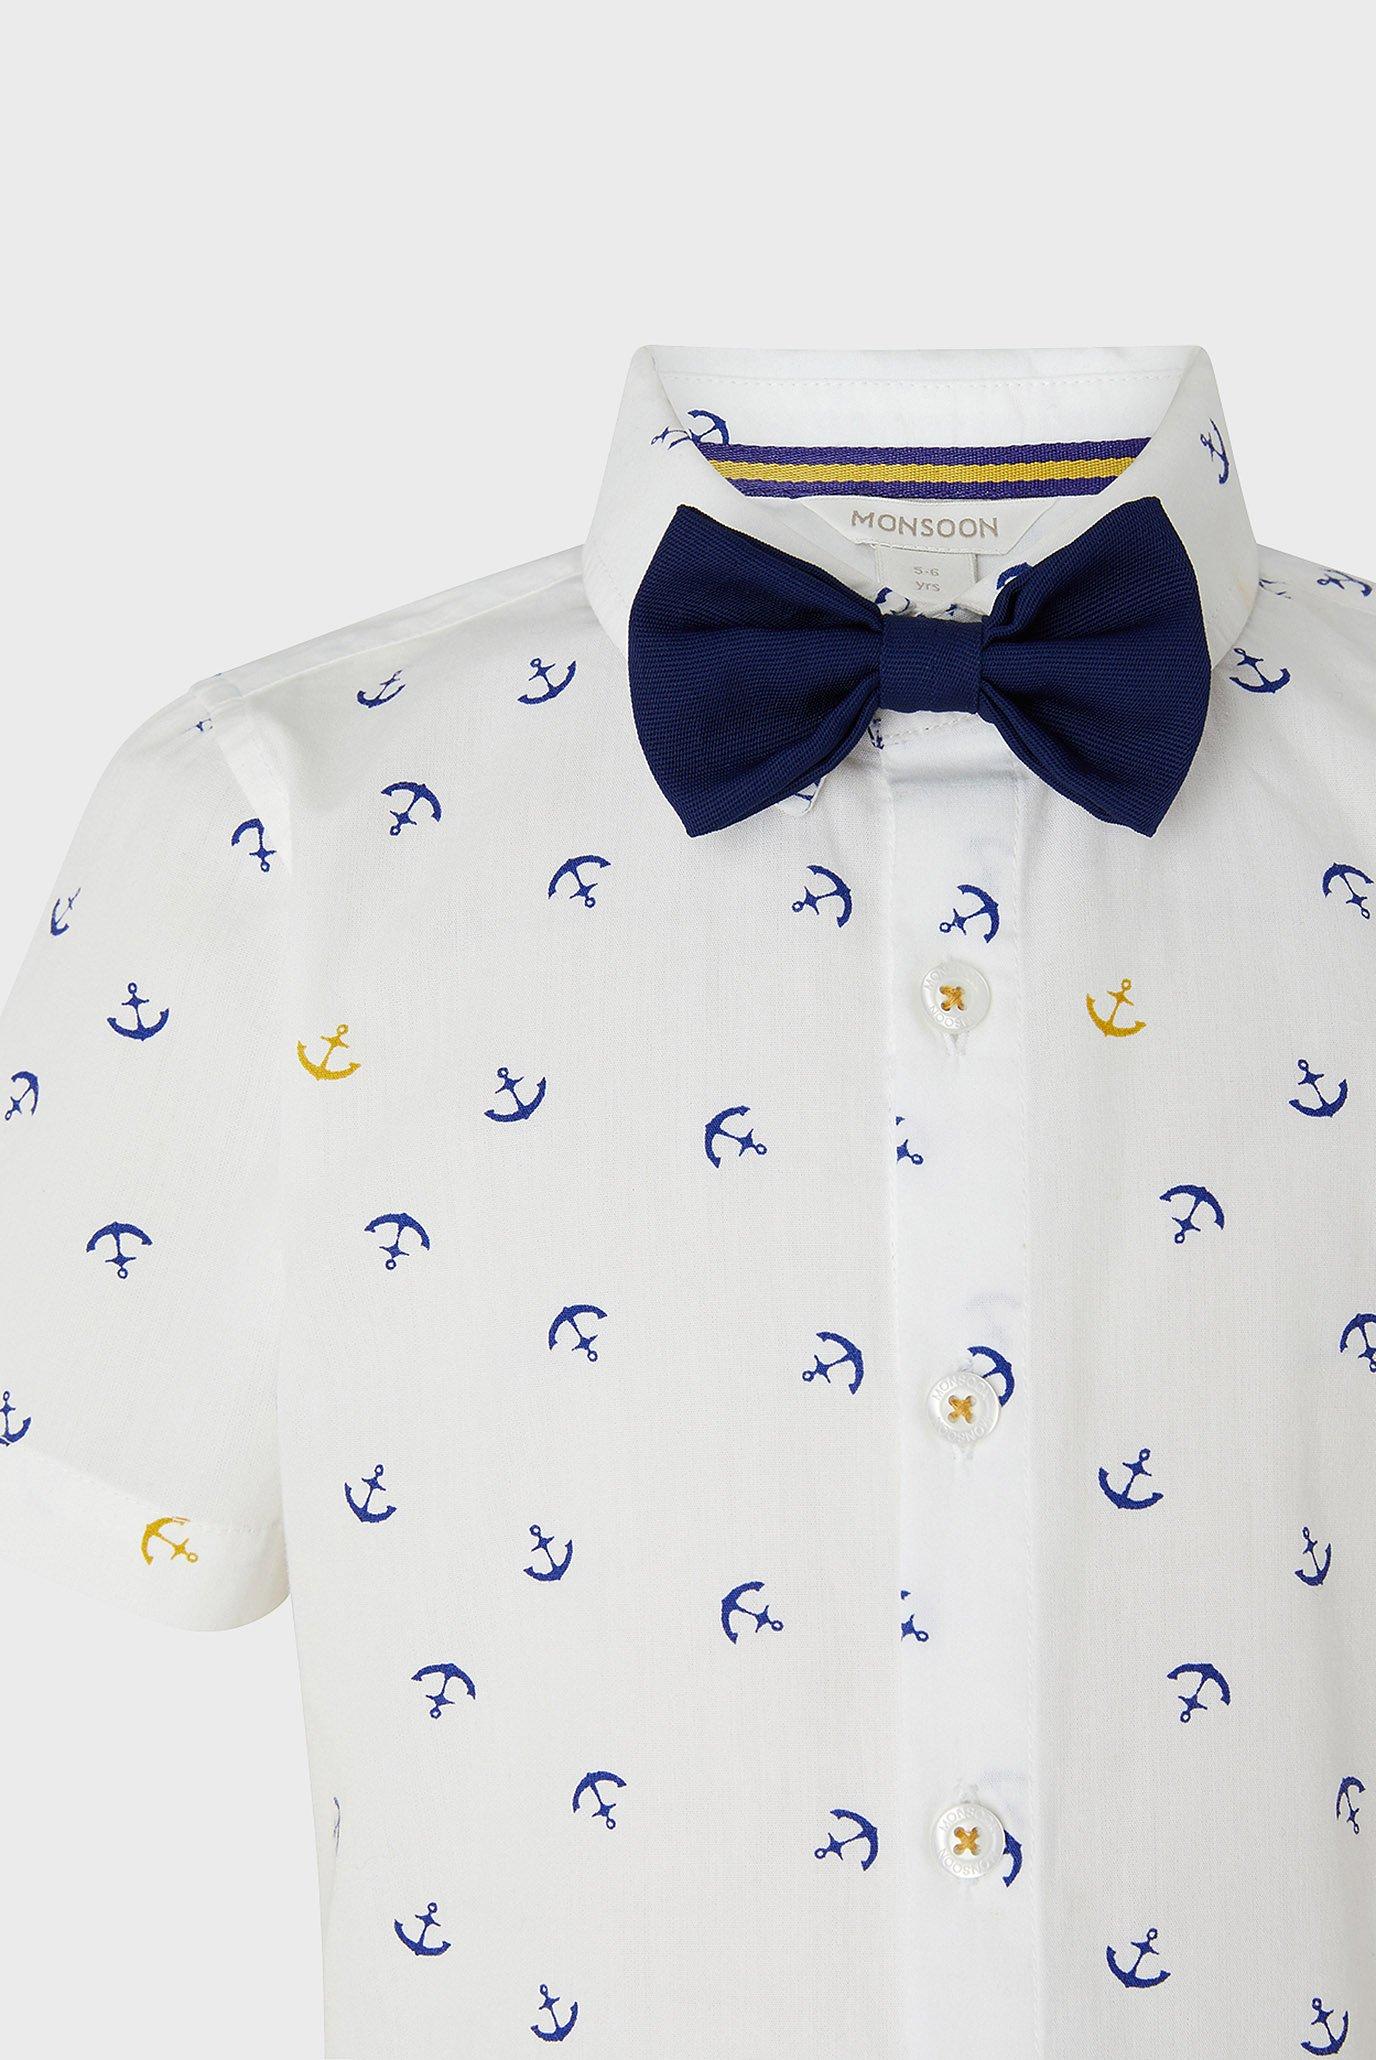 Купить Детская белая рубашка Andrew Anchor  Monsoon Children Monsoon Children 616697 – Киев, Украина. Цены в интернет магазине MD Fashion